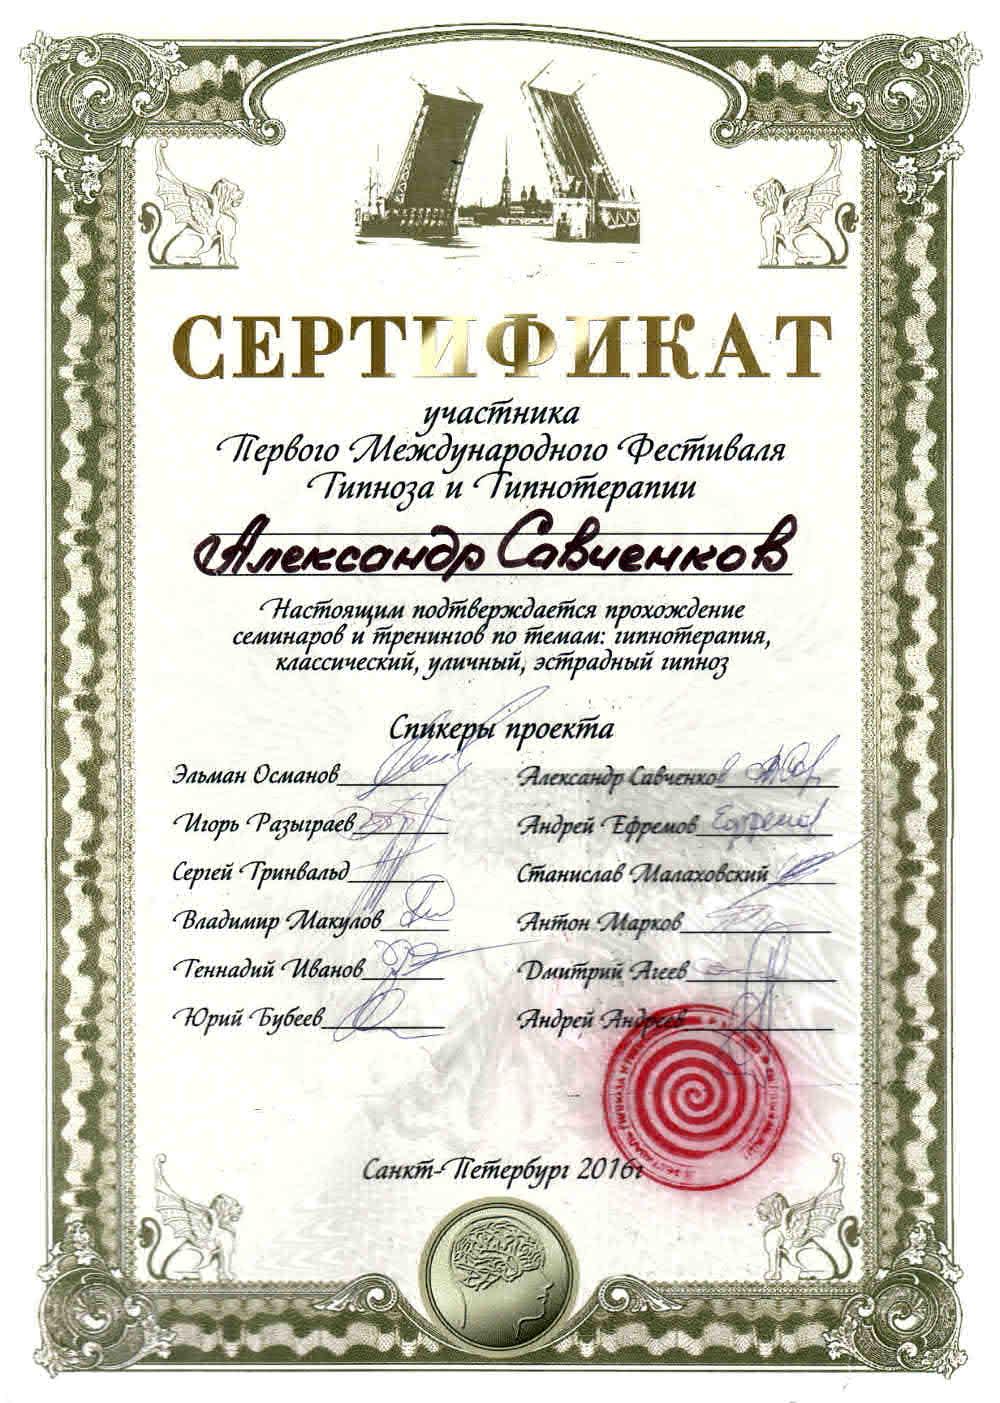 Сертификат участника Первого Международного Фестиваля Гипноза и Гипнотерапии